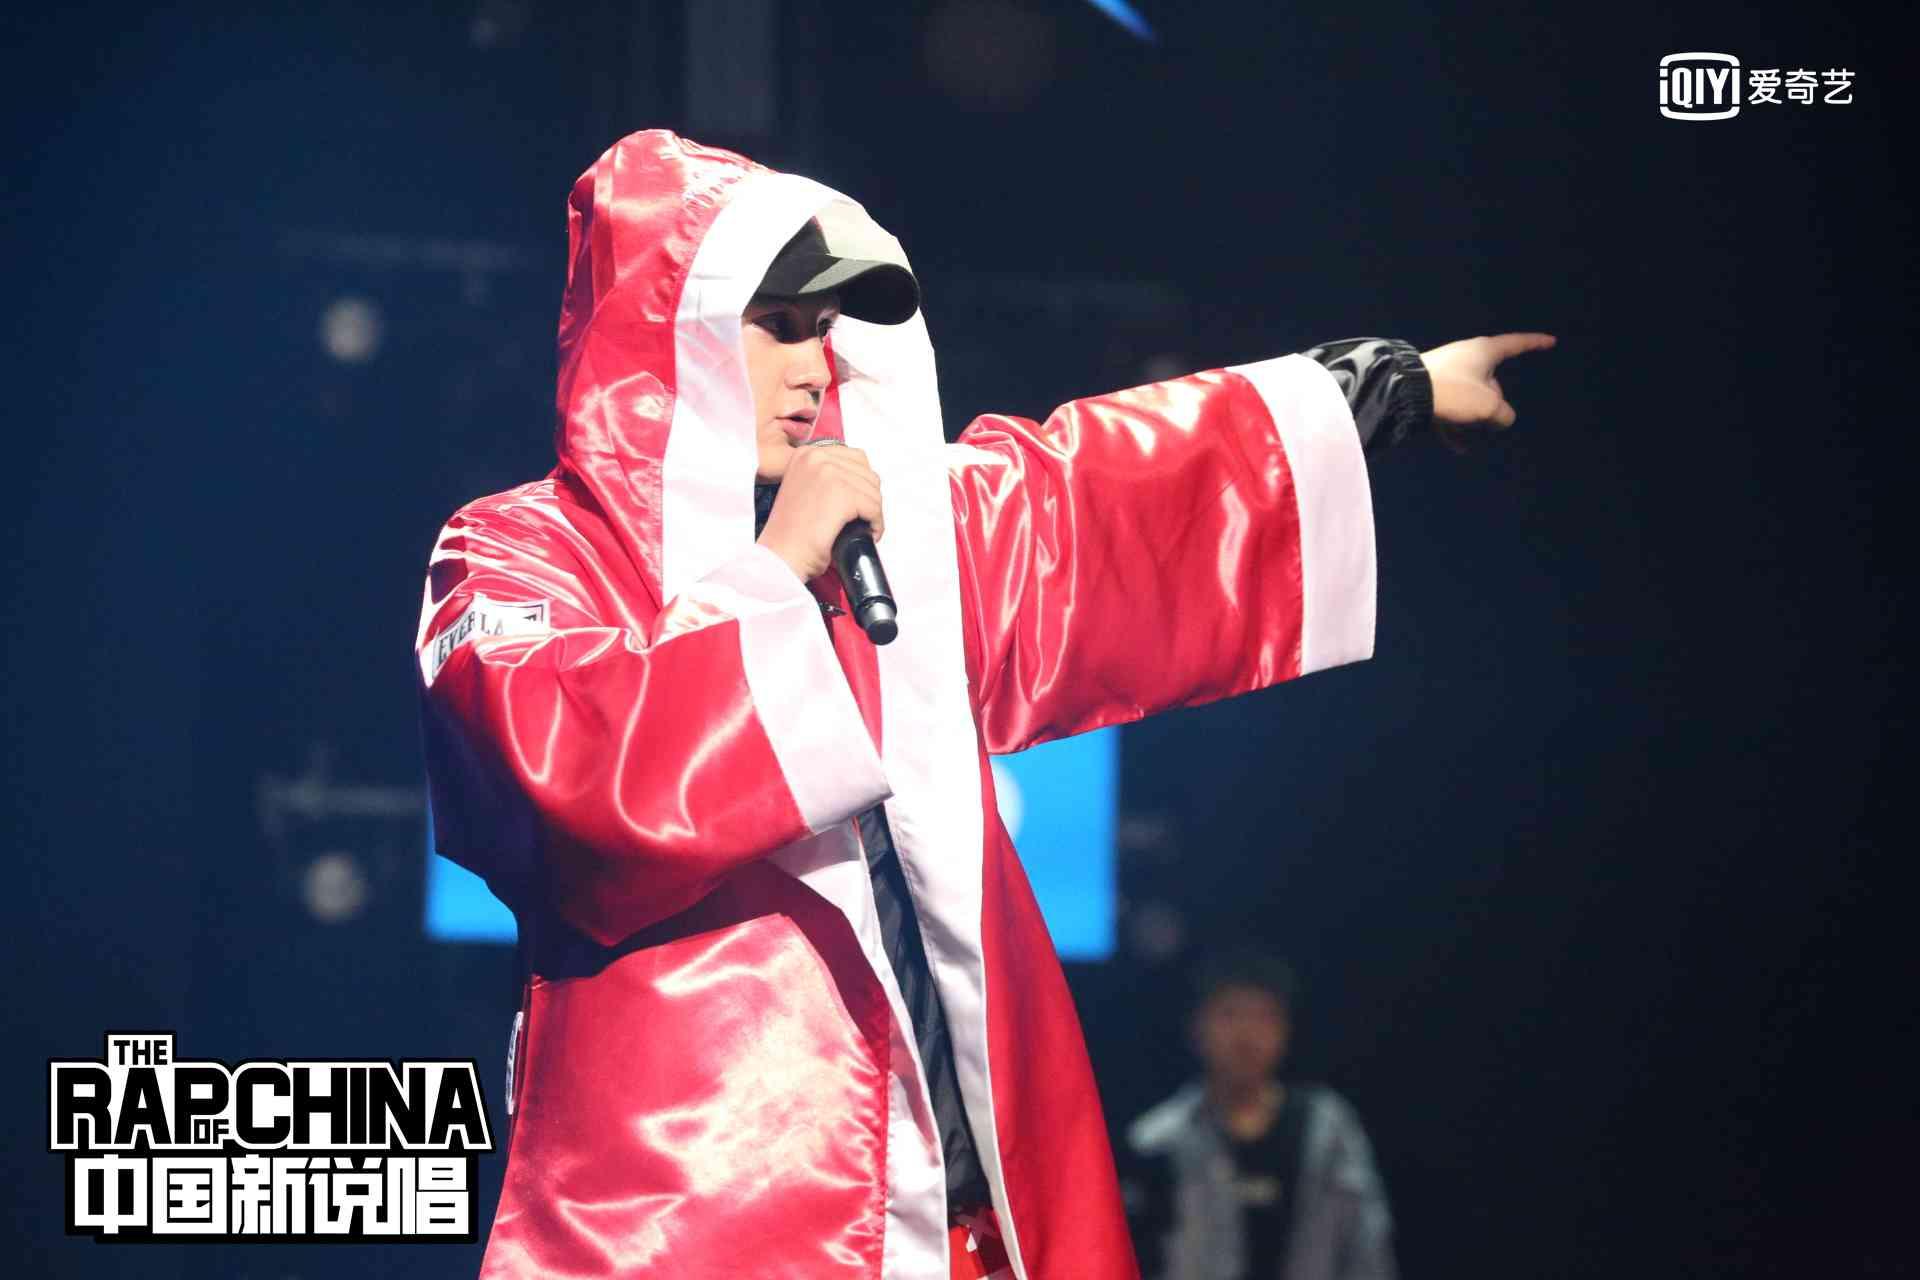 《中国新说唱》复活赛艾热王以太回归  小青龙不畏忘词:强的人永远强